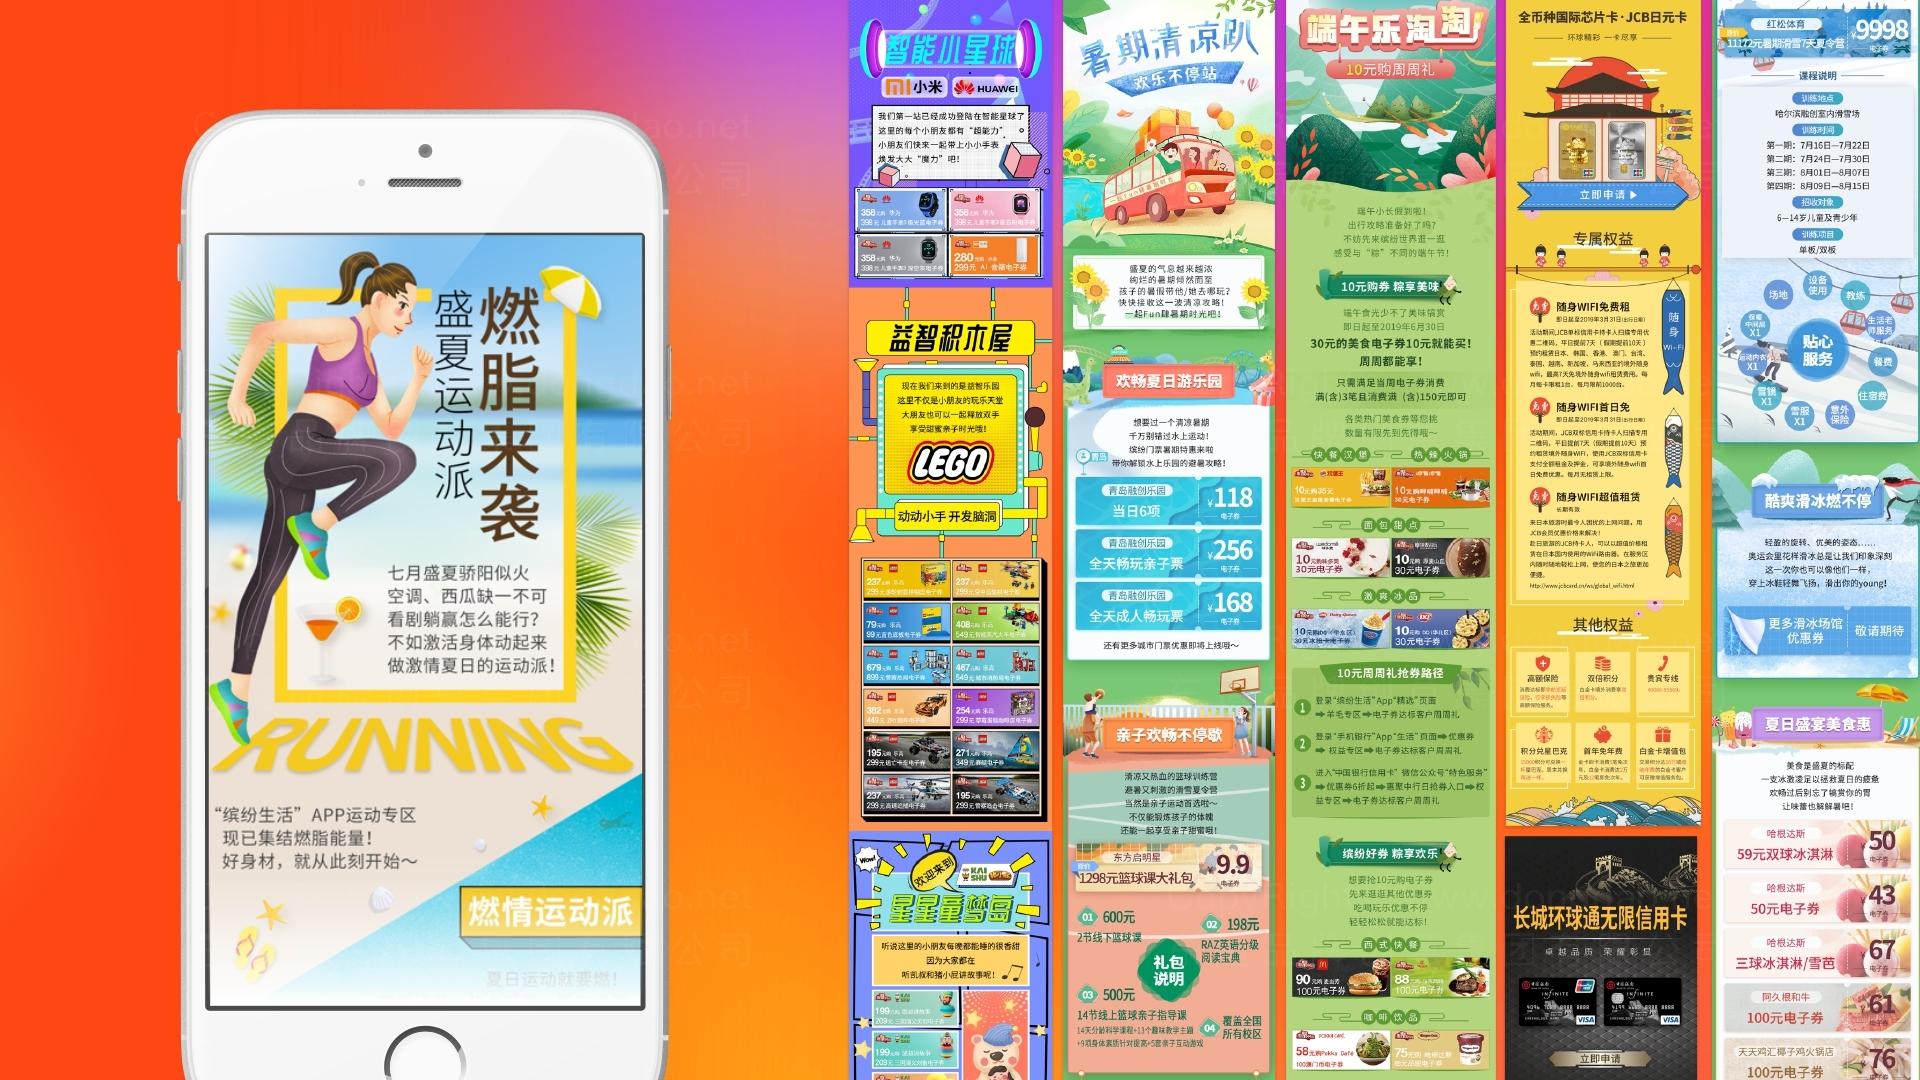 中国银行App设计应用场景_4